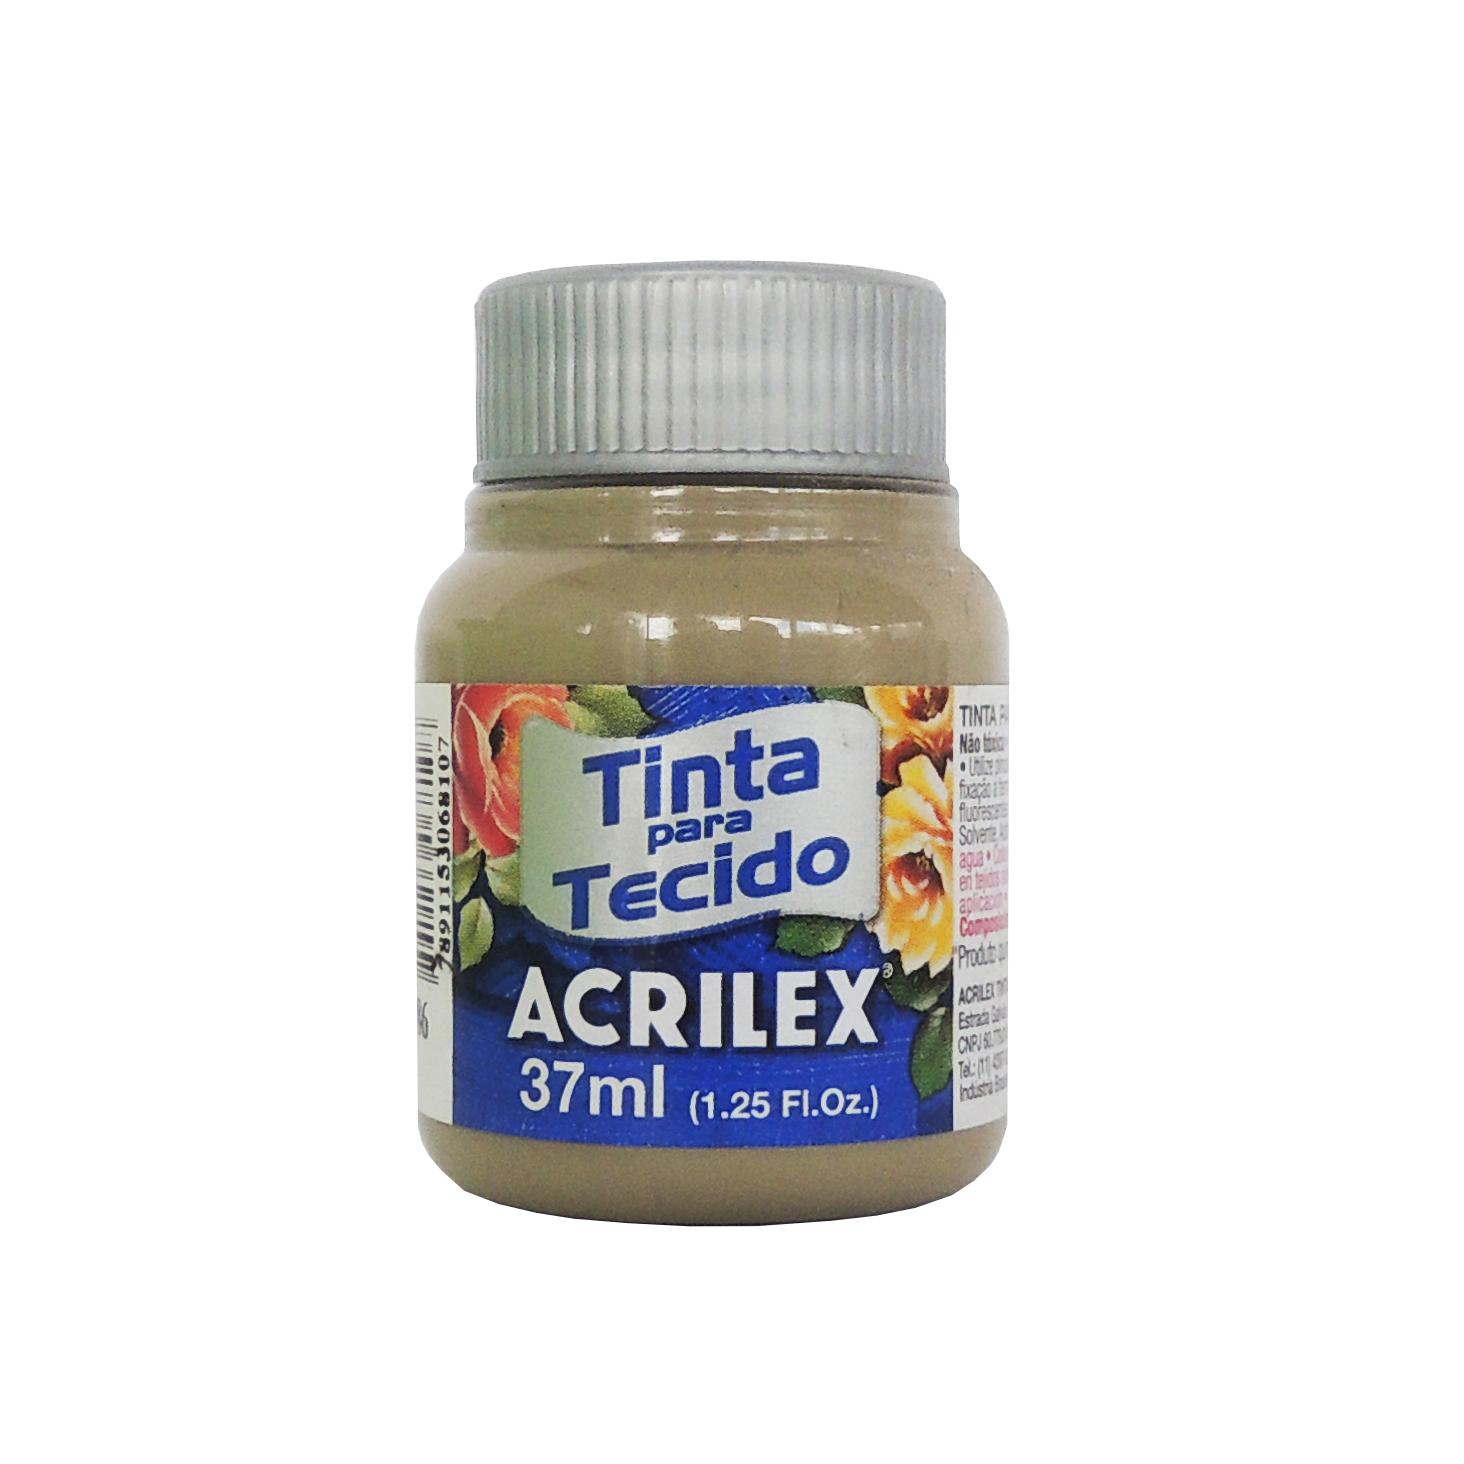 tinta-para-tecido-acrilex-37ml-986-caqui